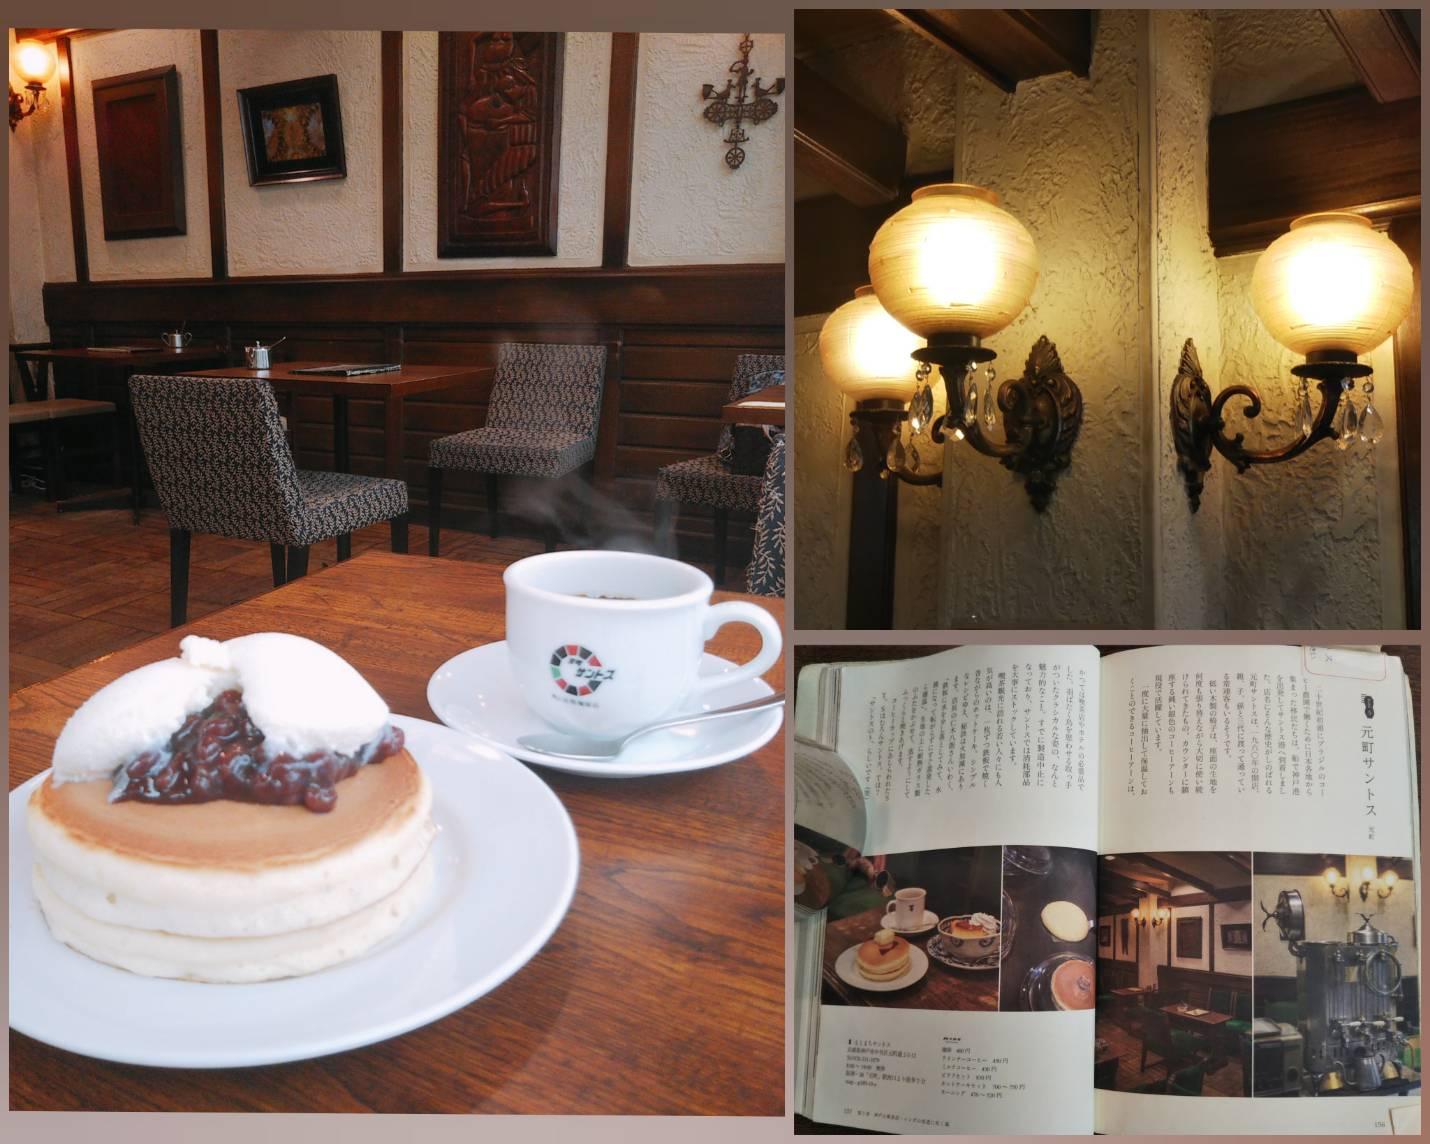 ハイカラ神戸の地で60年の長い歴史を刻む 老舗の純喫茶『元町サントス』